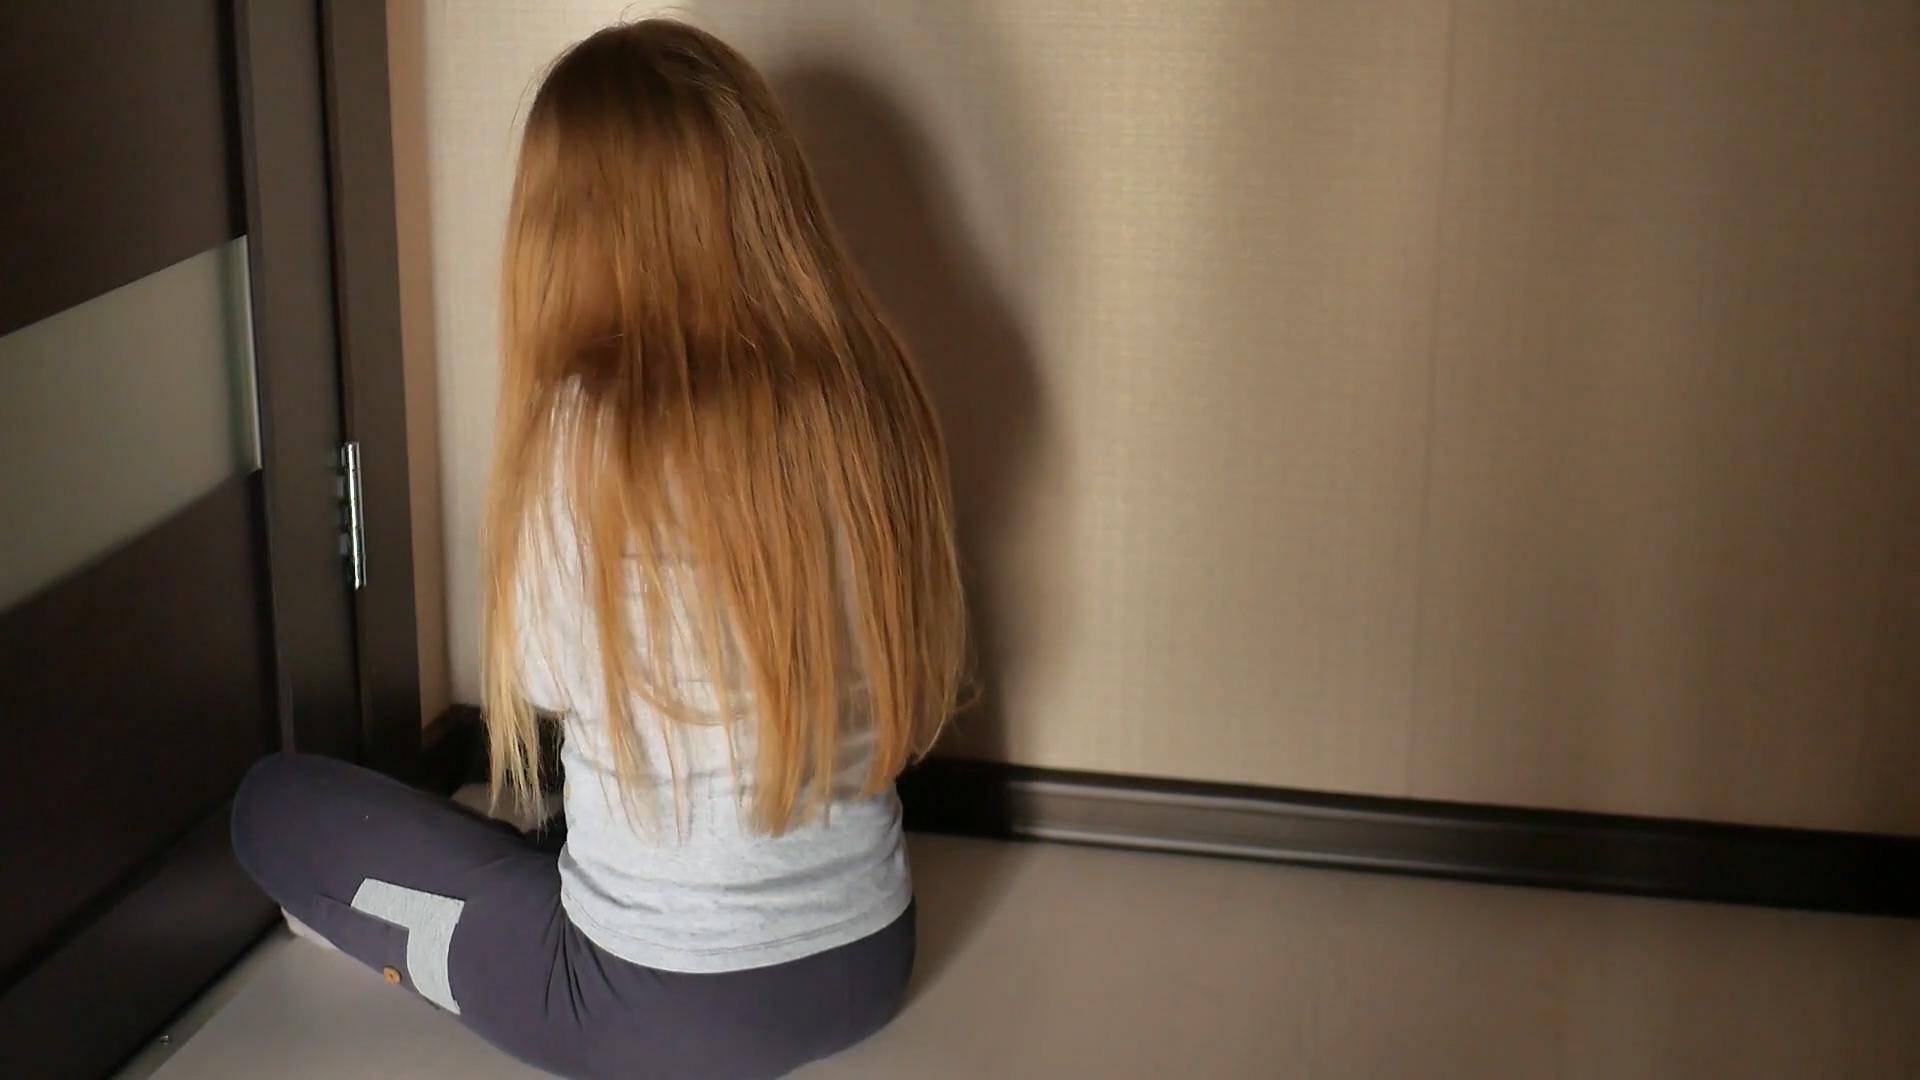 Jak rozpoznać, że dziecko jest ofiarą cyberprzemocy?